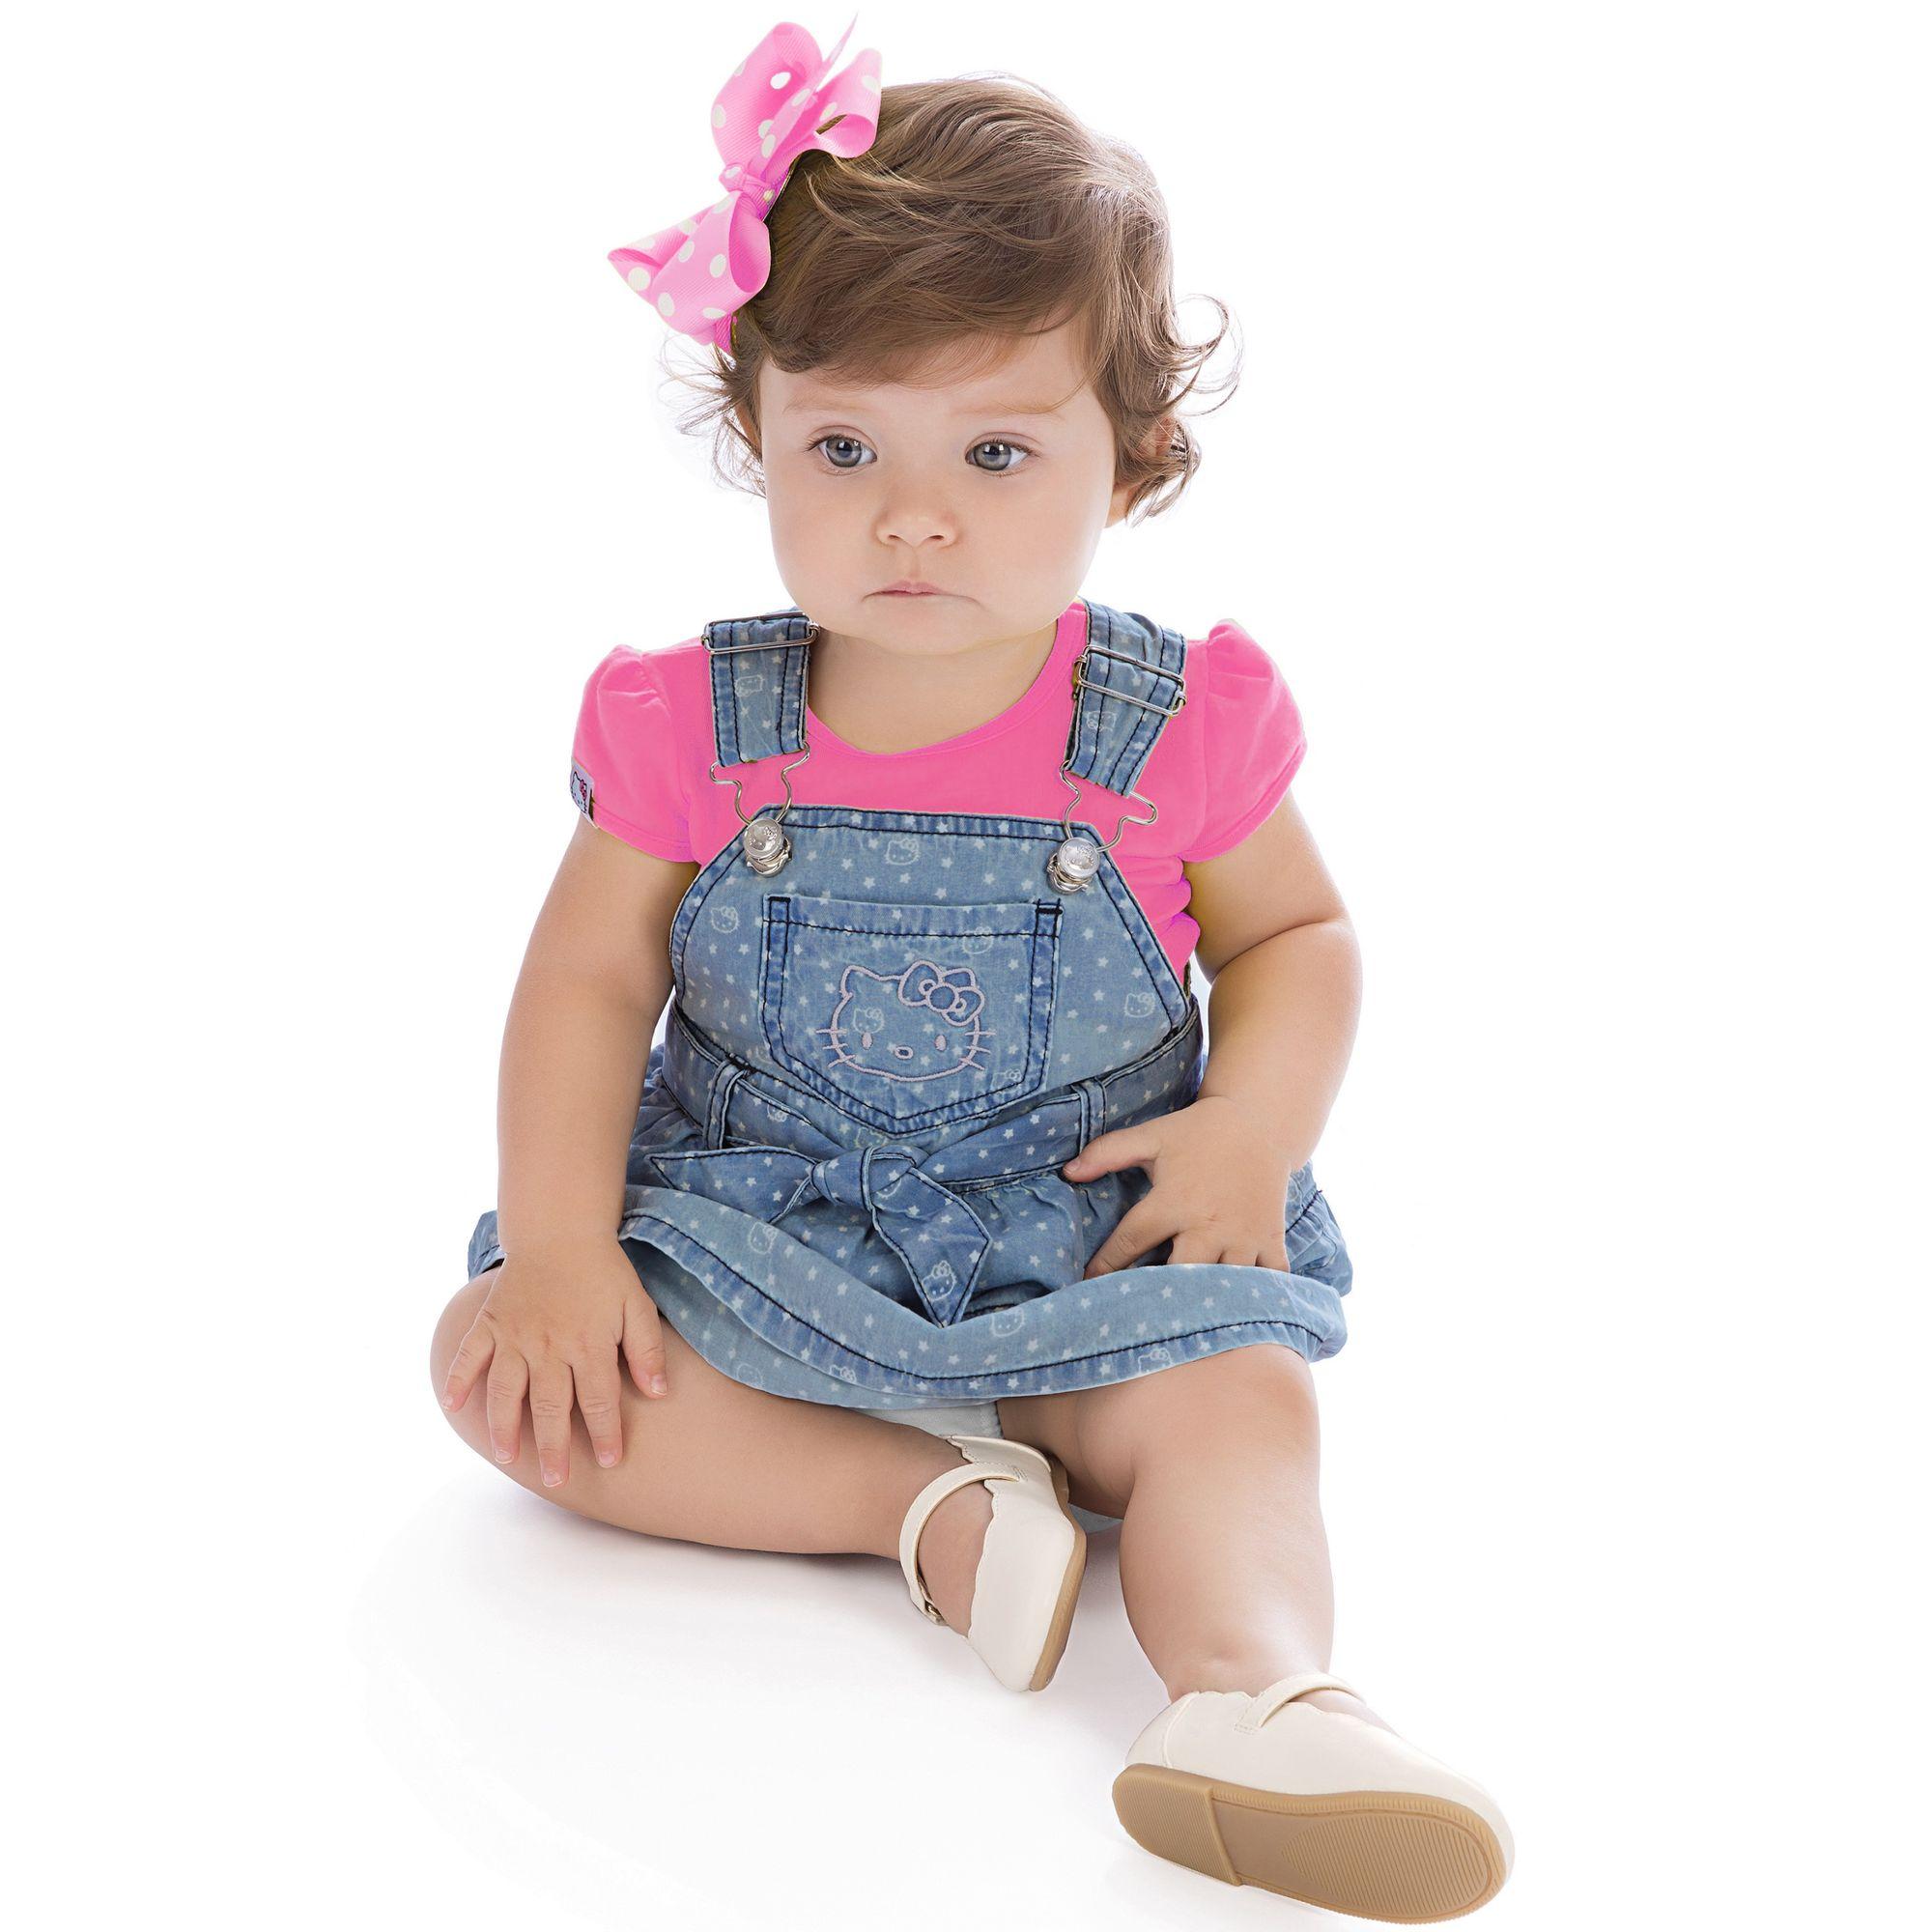 Jardineira Jeans Estrelas e Camiseta Pink Hello Kitty - Jardineiras e  Vestidos para Bebê é na EcaMeleca Kids - EcaMeleca 036d2c60605e5